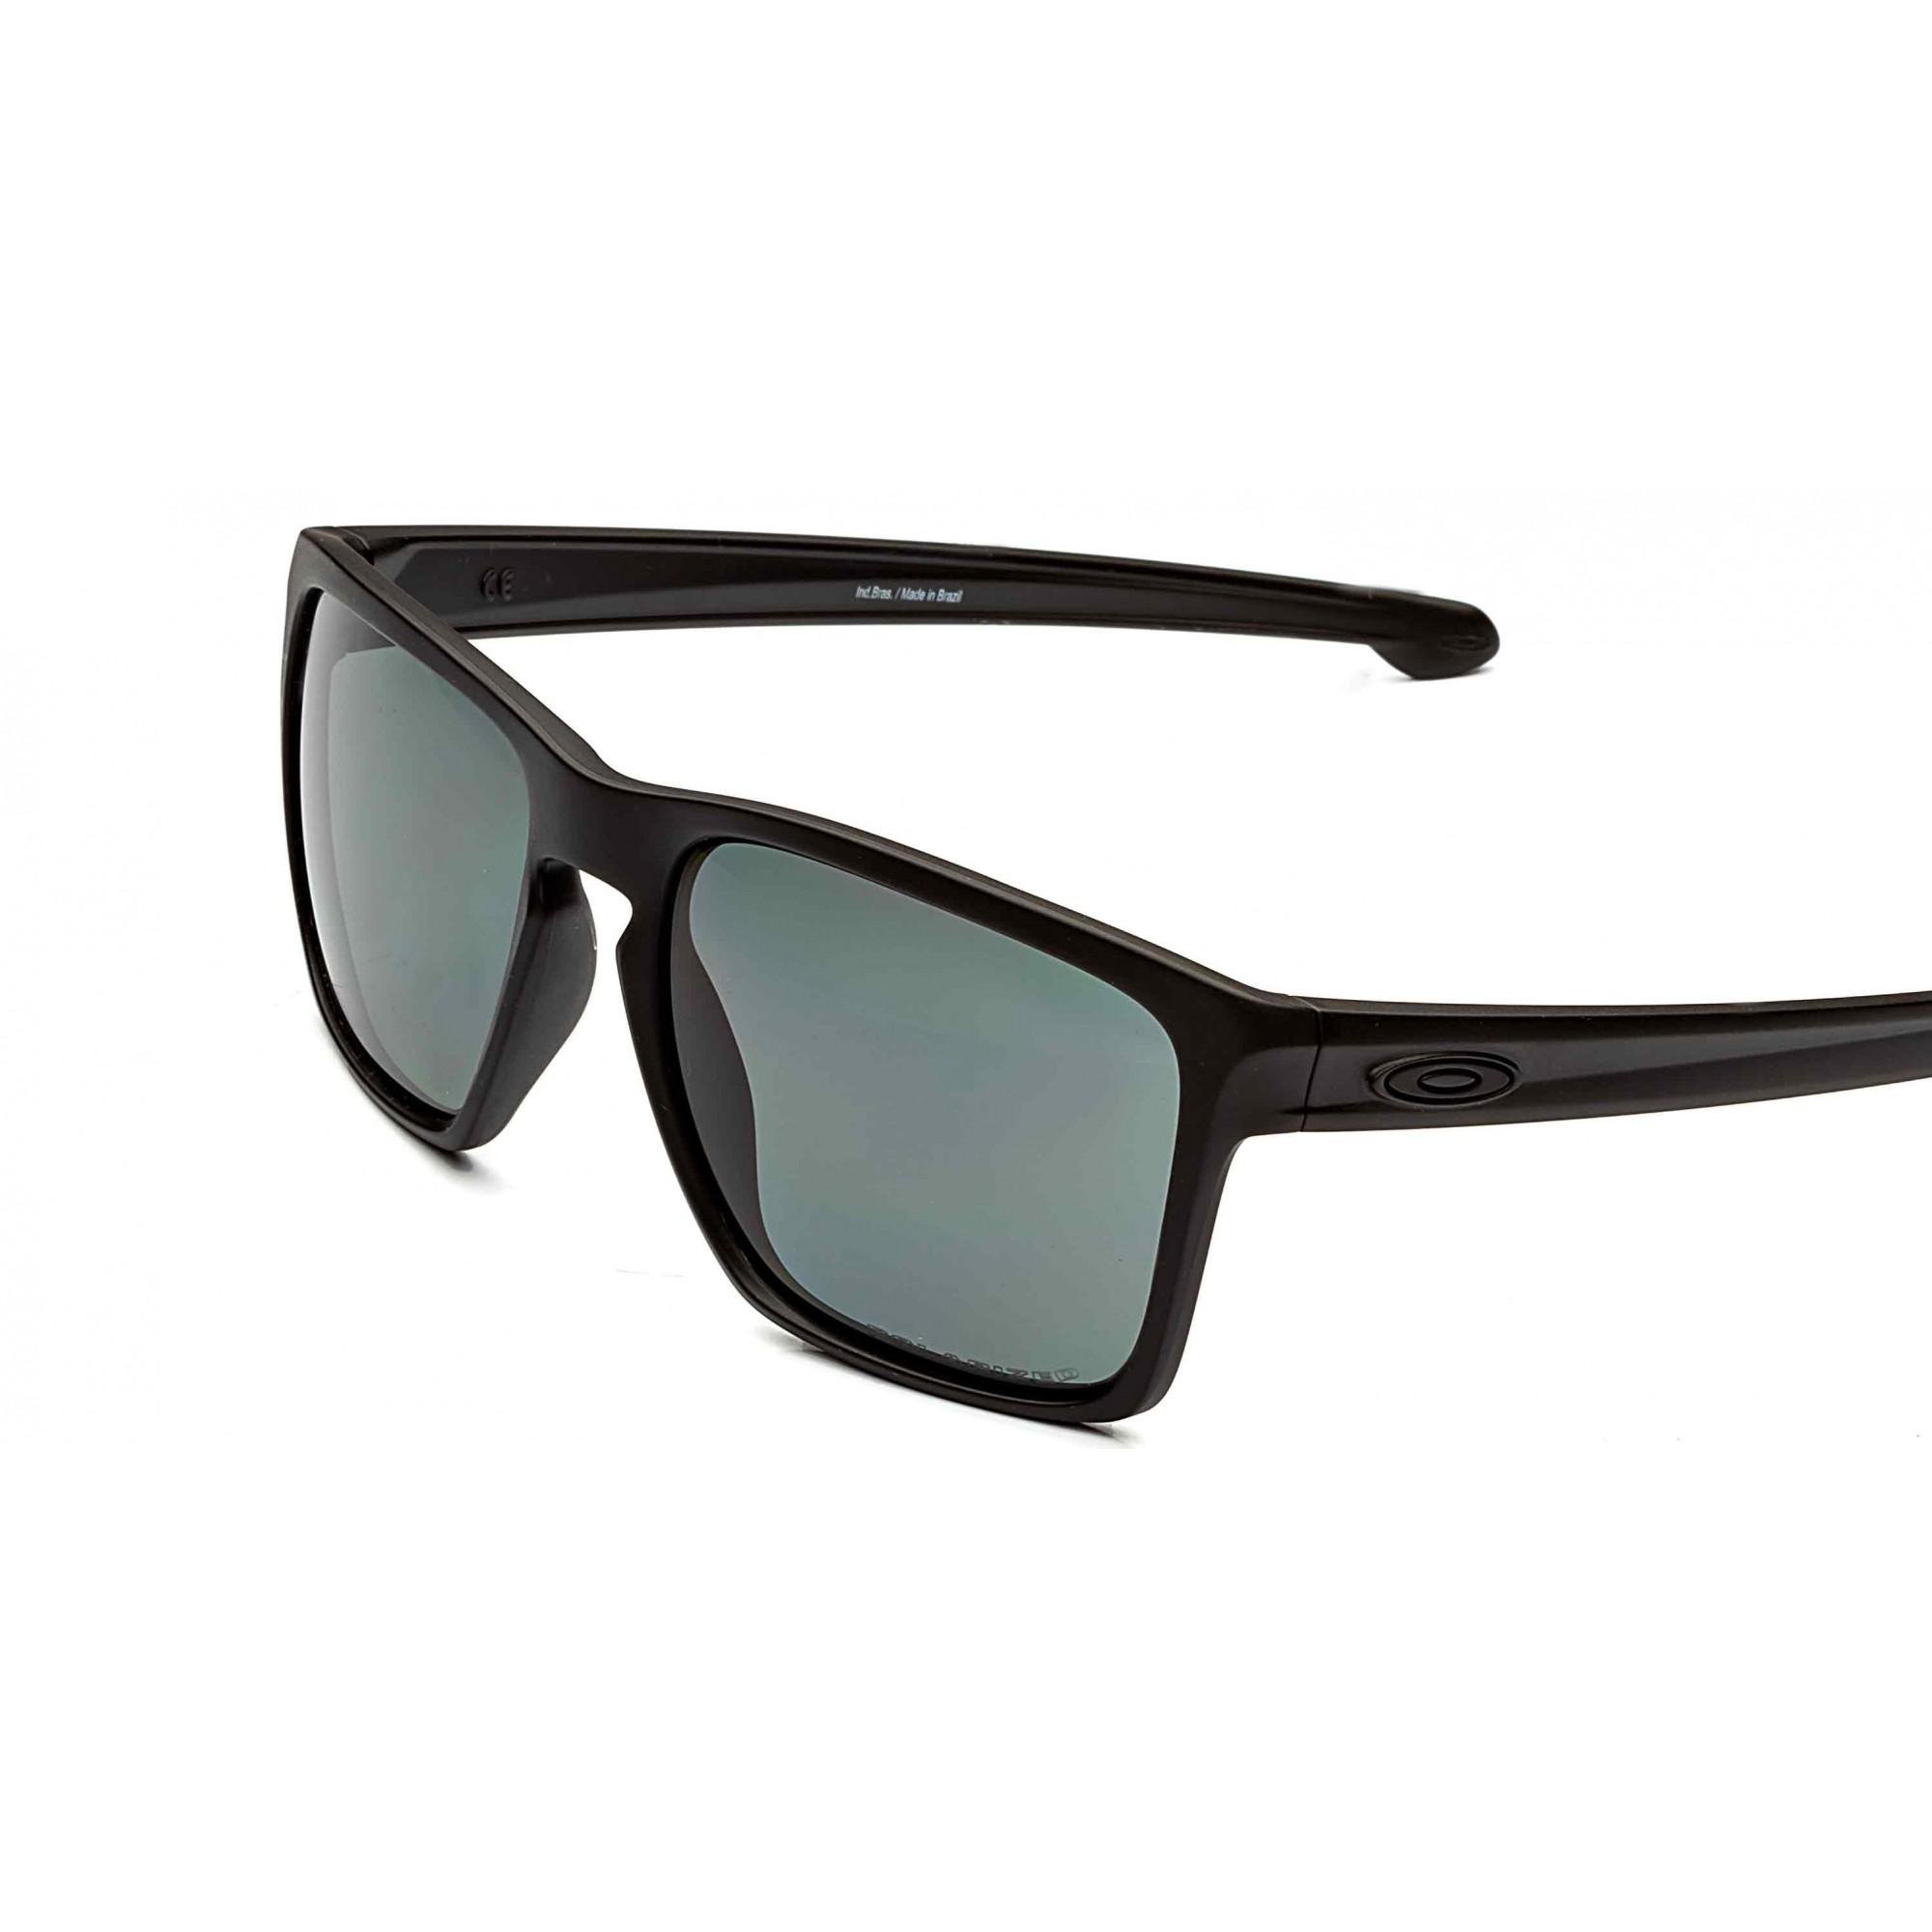 Óculos de Sol Sliver Xl Oakley - Original